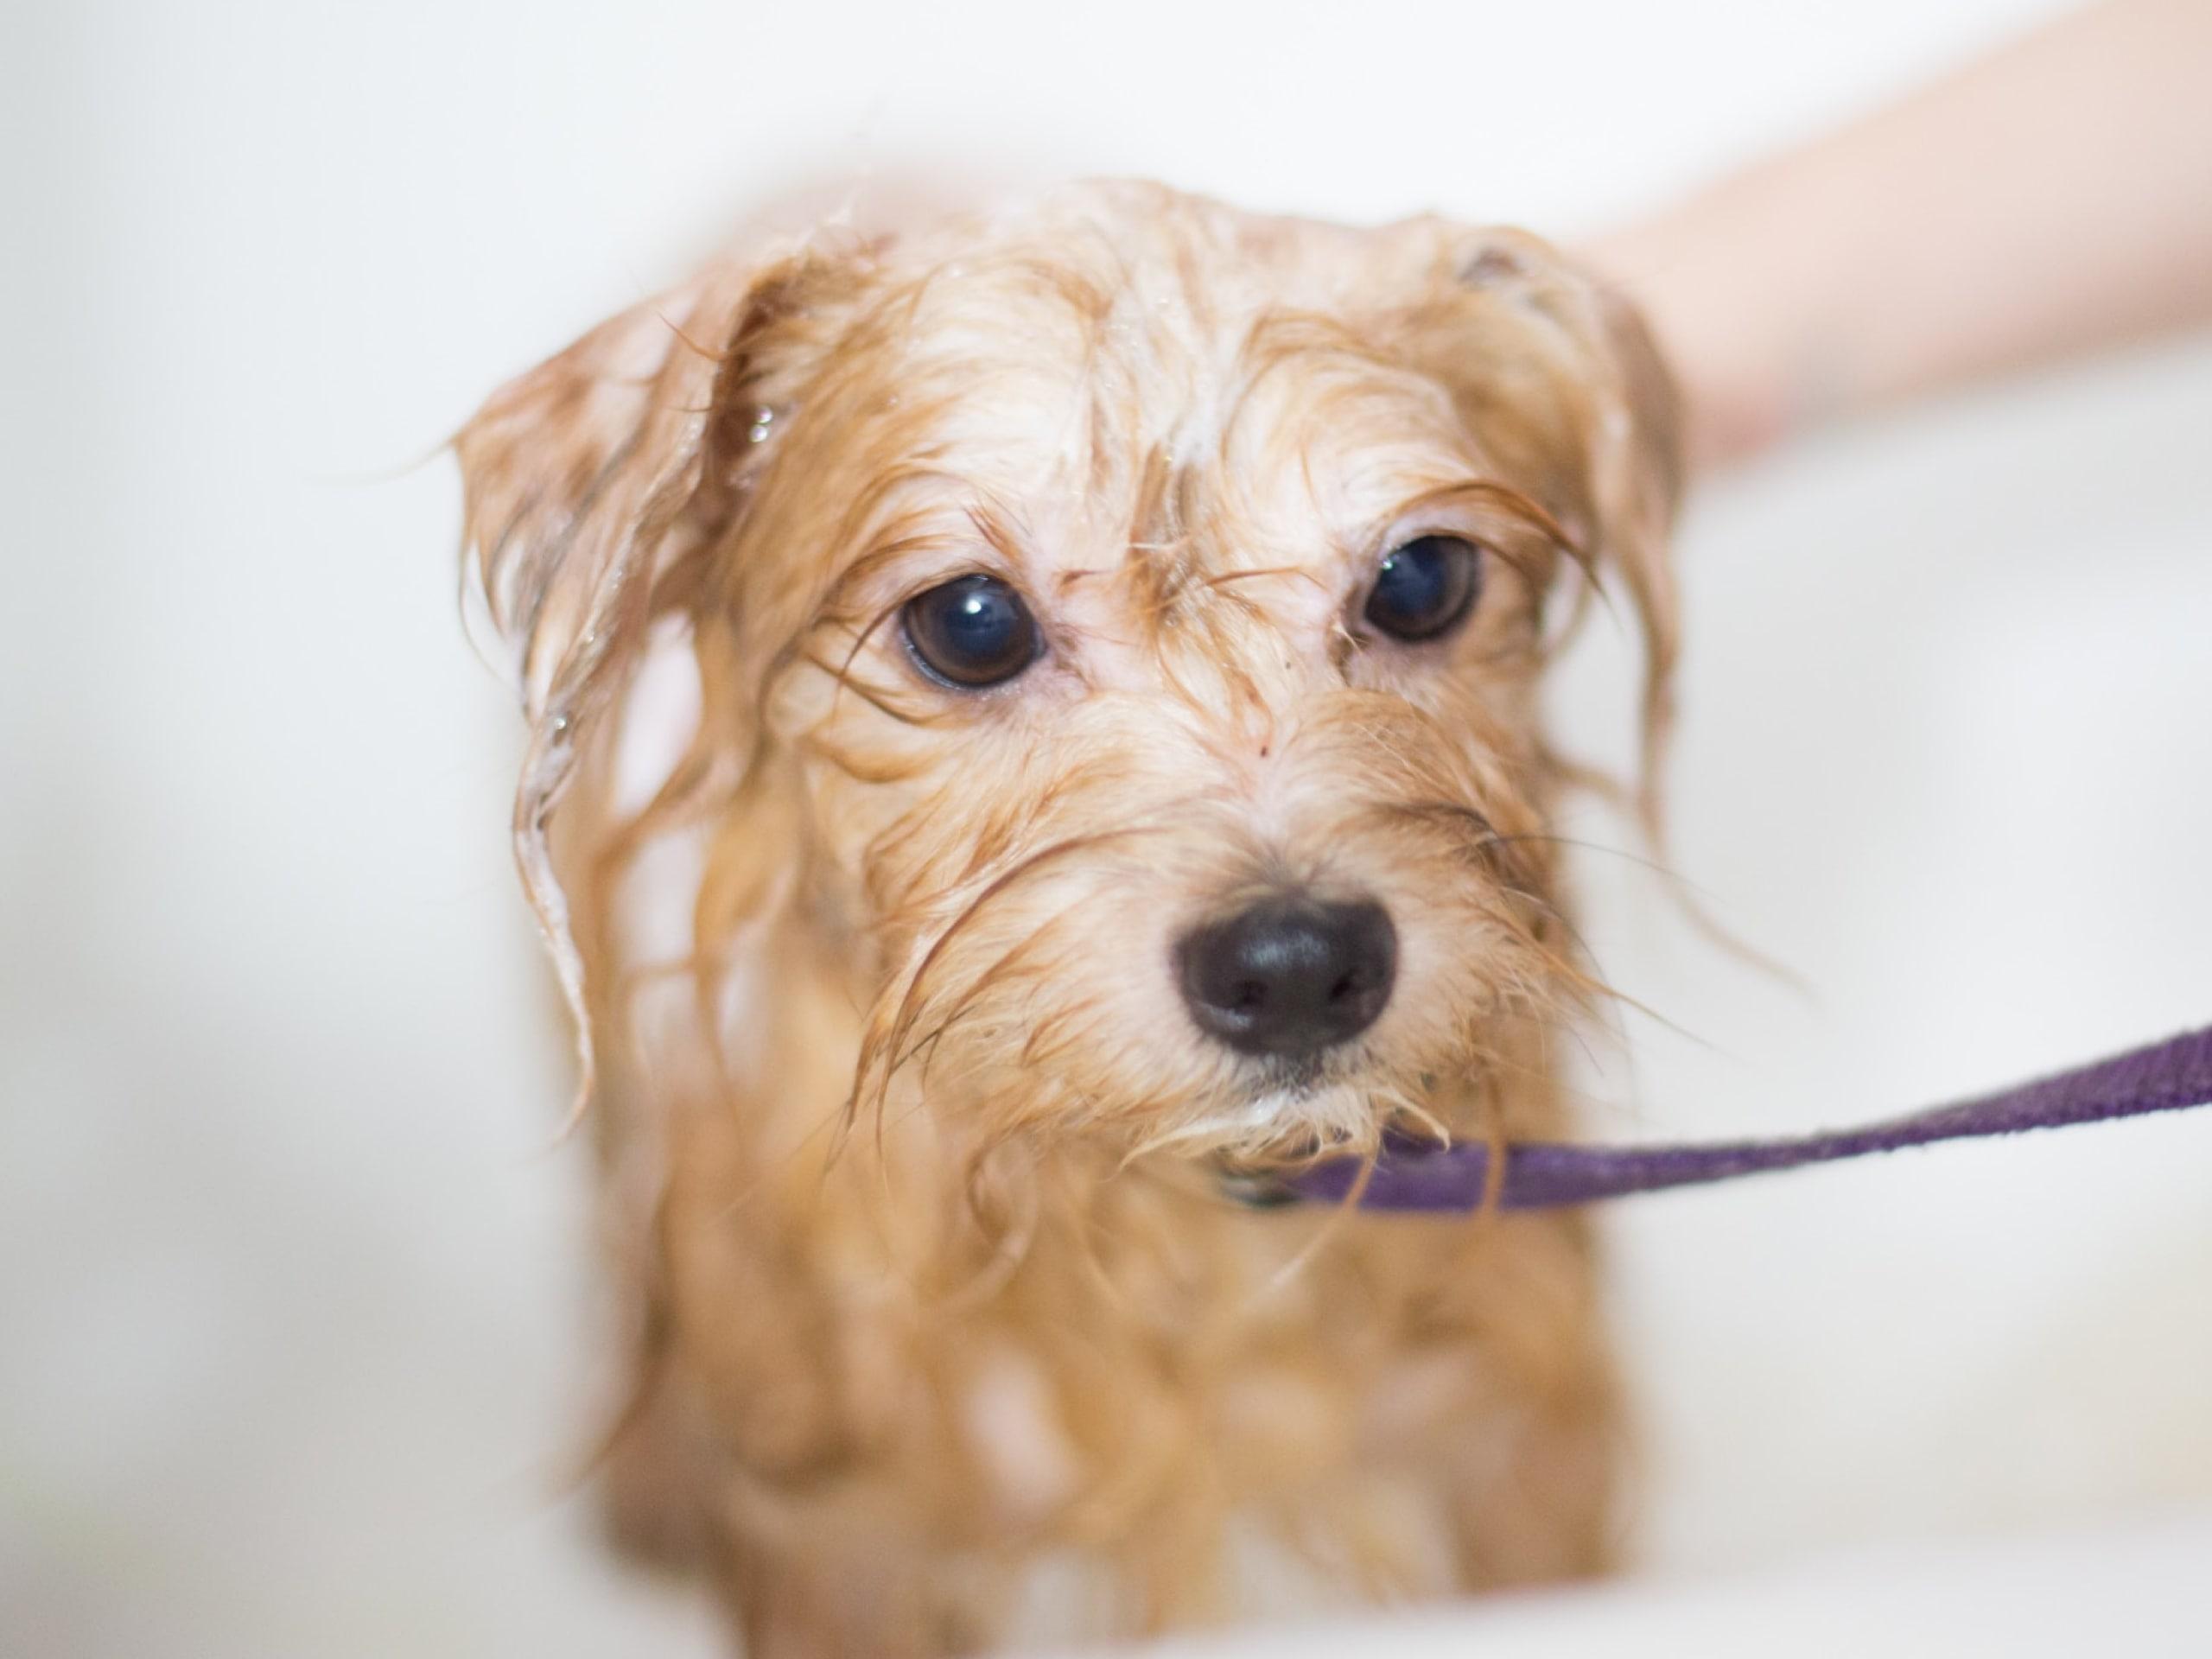 Dog sprayed by skunk getting a bath